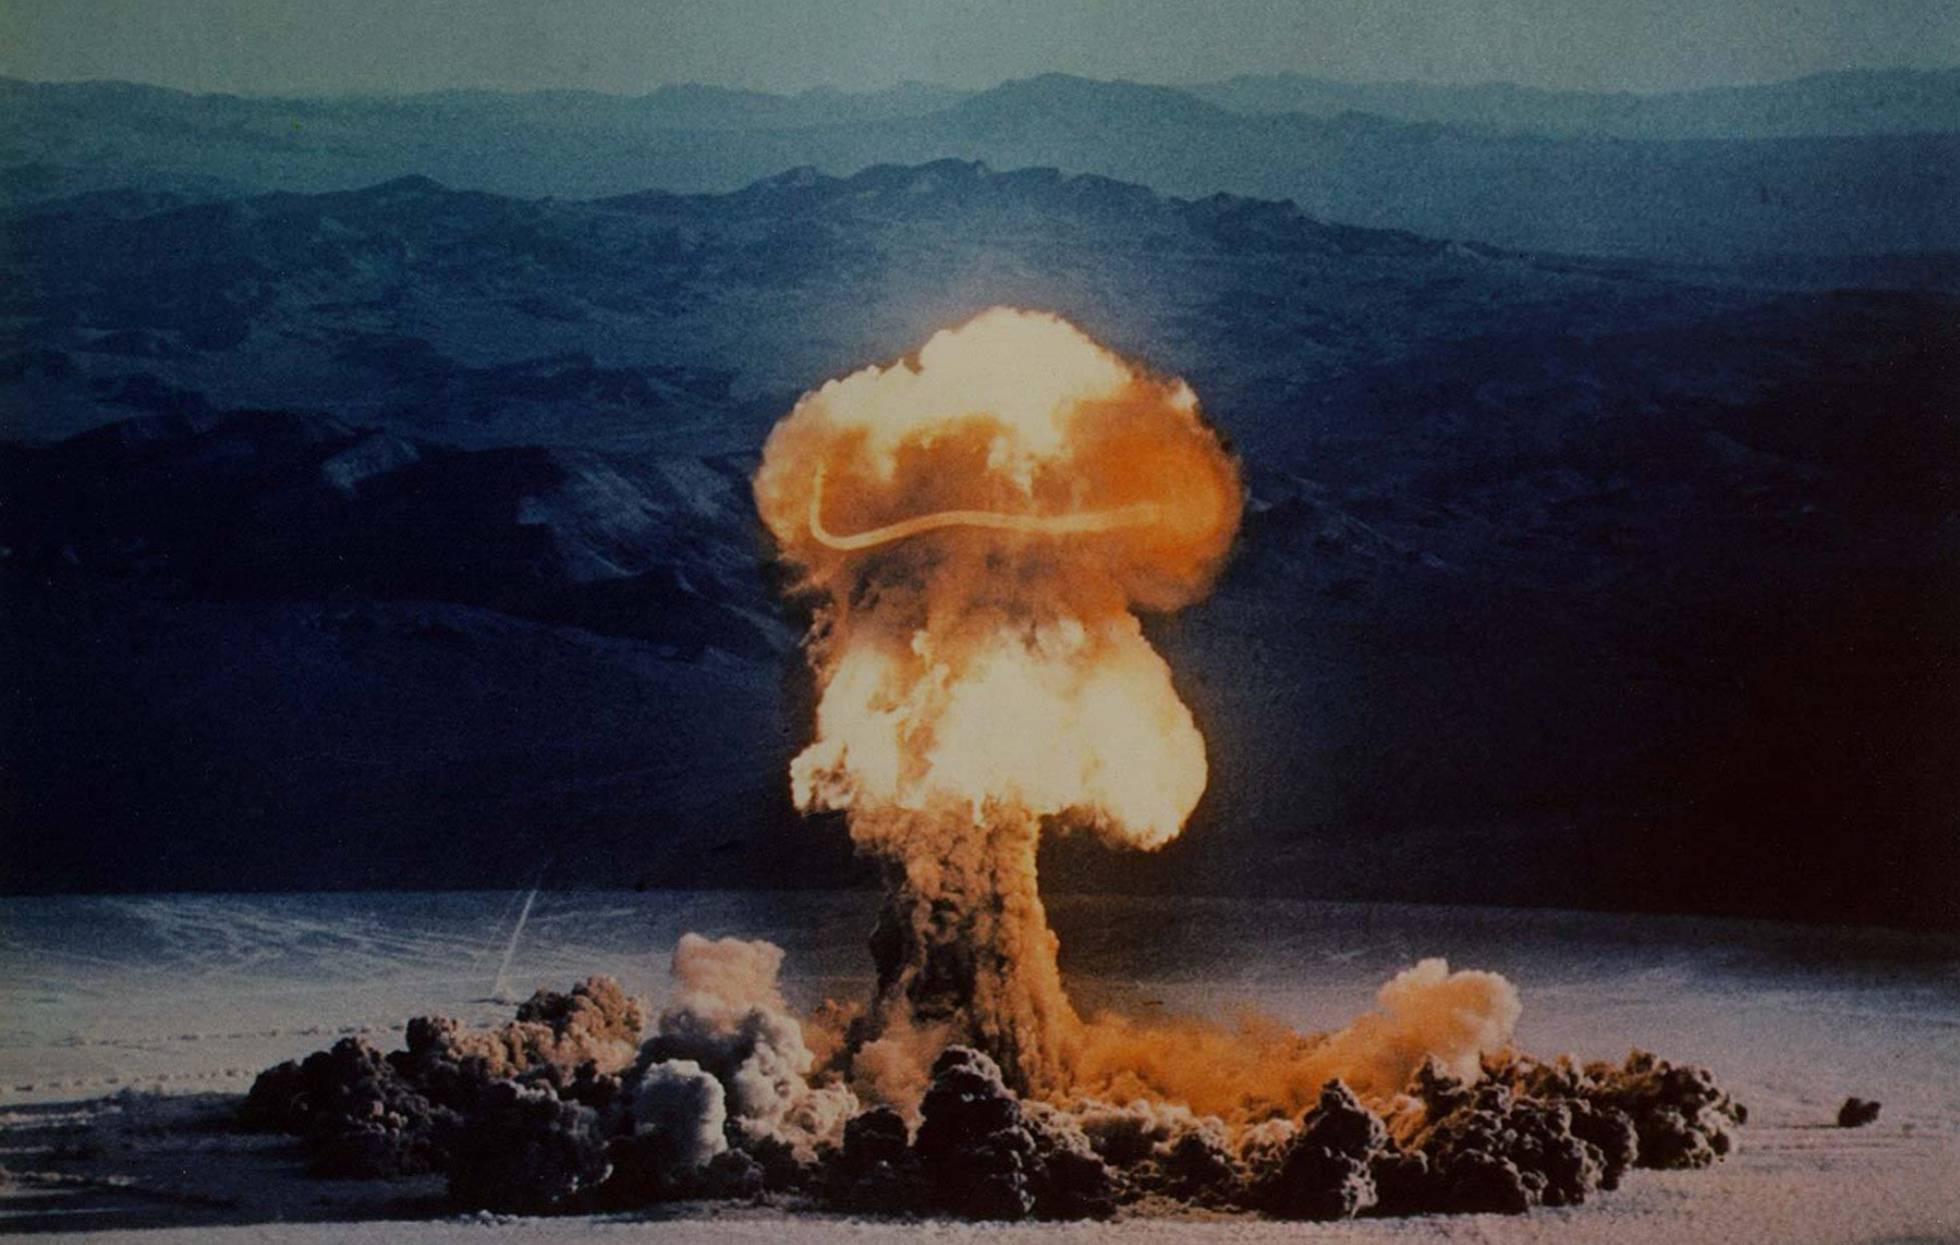 La nueva Guerra Fría... - Página 12 1519929197_135663_1519929446_noticia_normal_recorte1